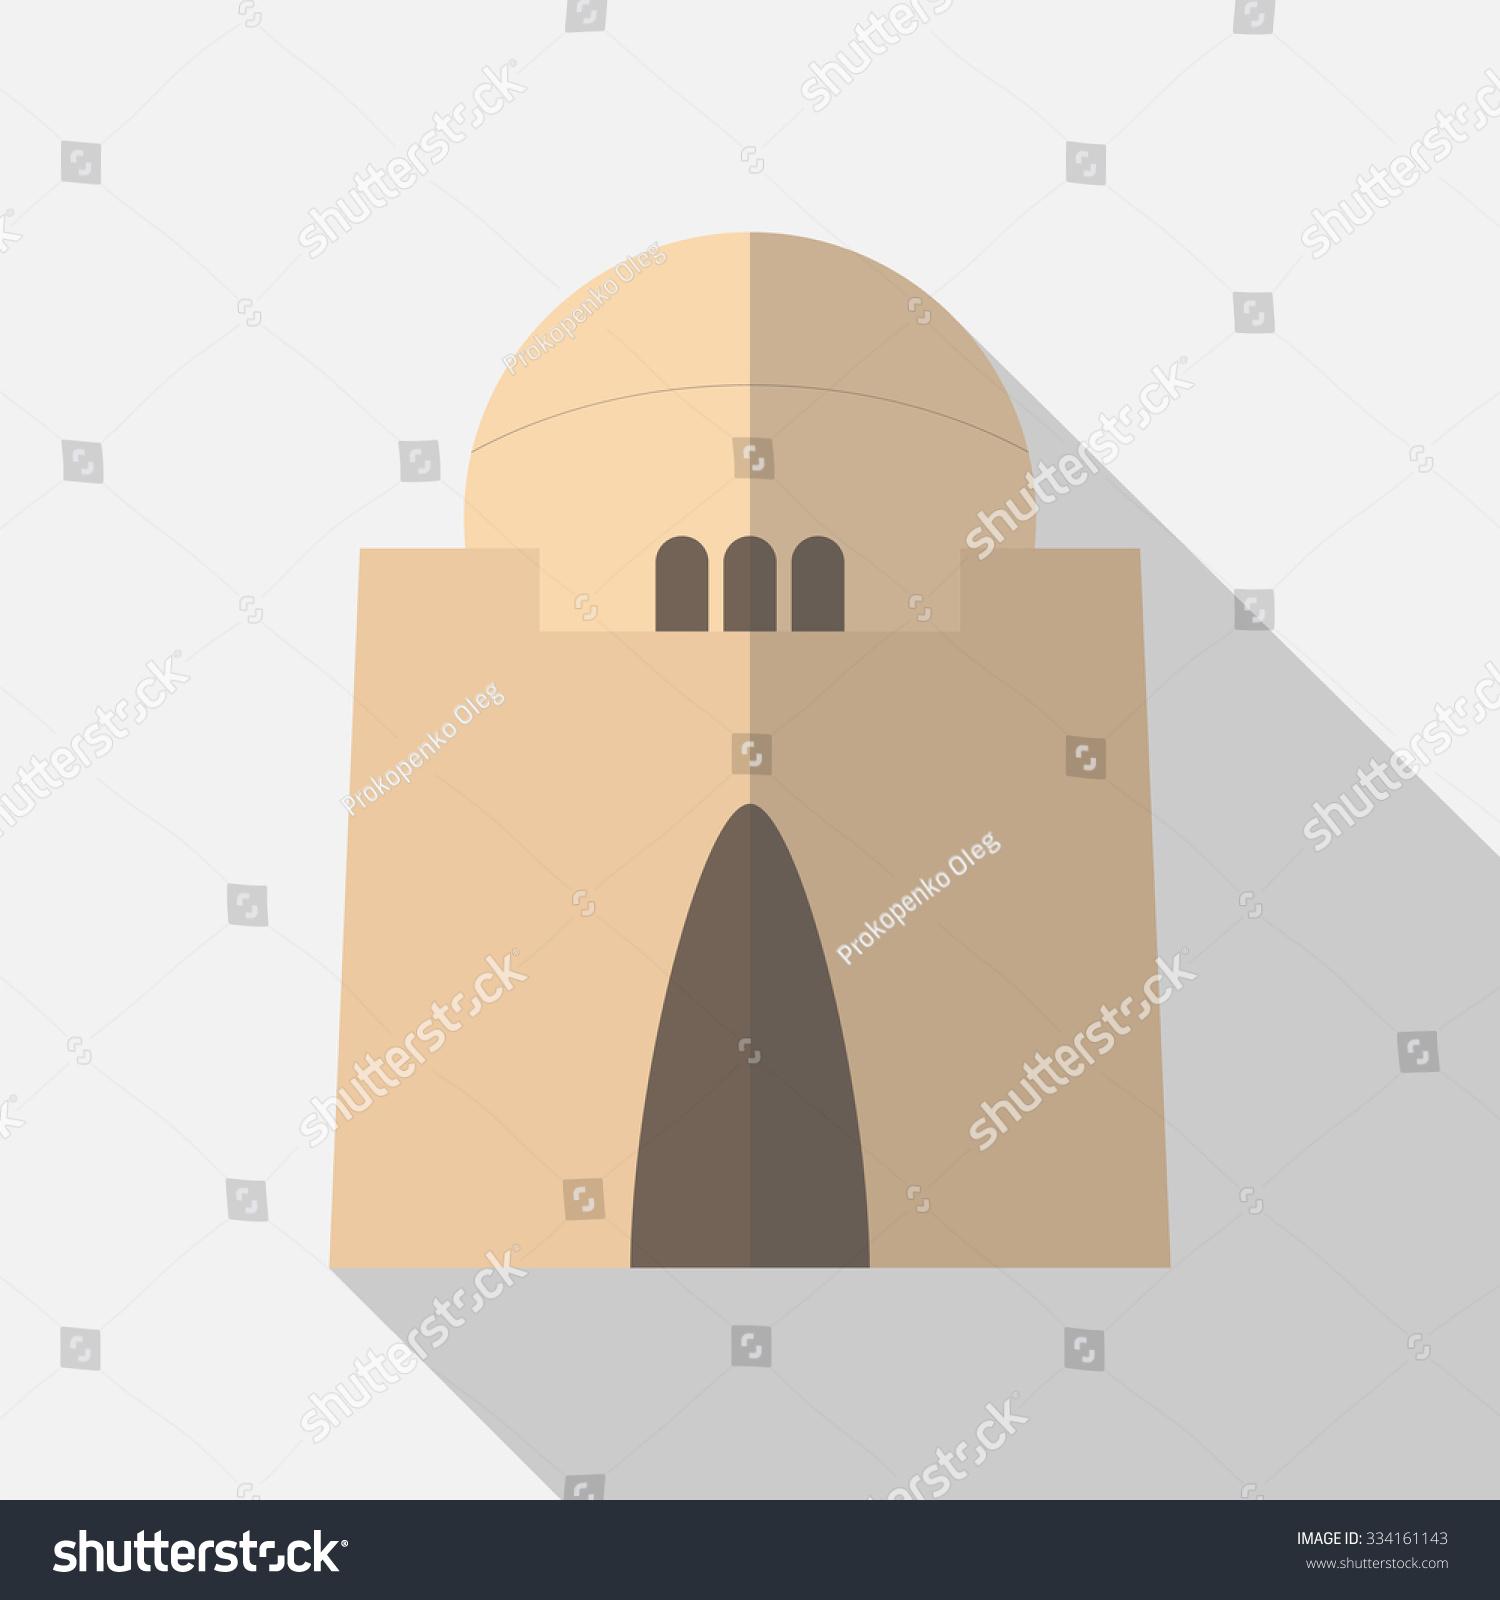 Clipart Of Quaid E Azam